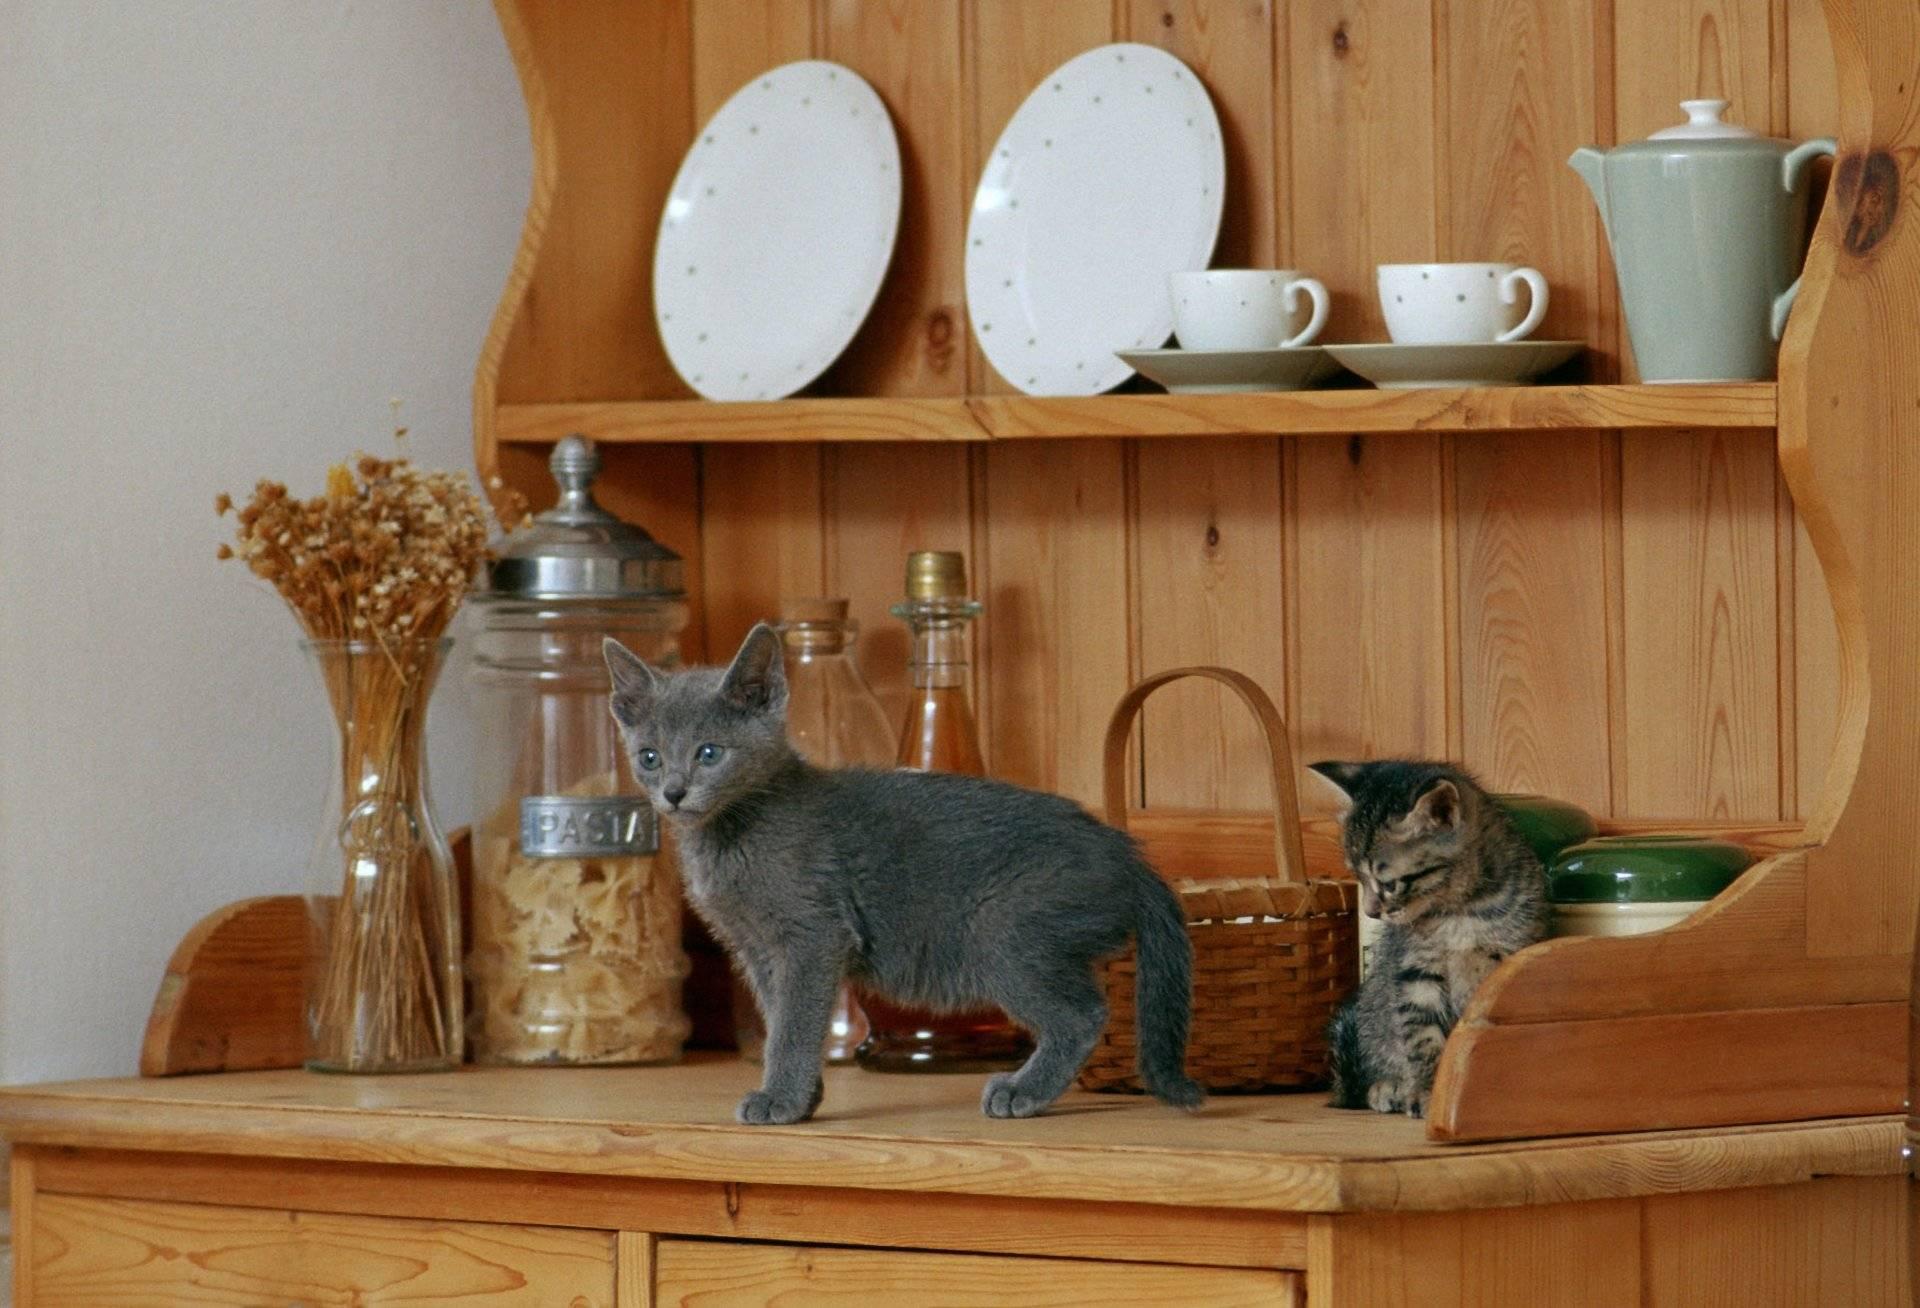 Как отучить кошку лазить по столам спать, лежать, воровать еду, сидеть в домашних условиях, совет специалиста